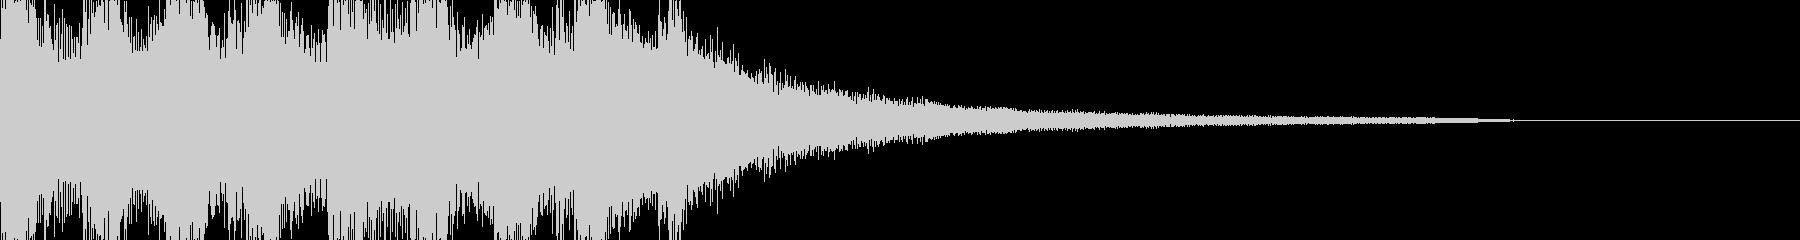 静かで爽やかな雰囲気のサウンドロゴの未再生の波形